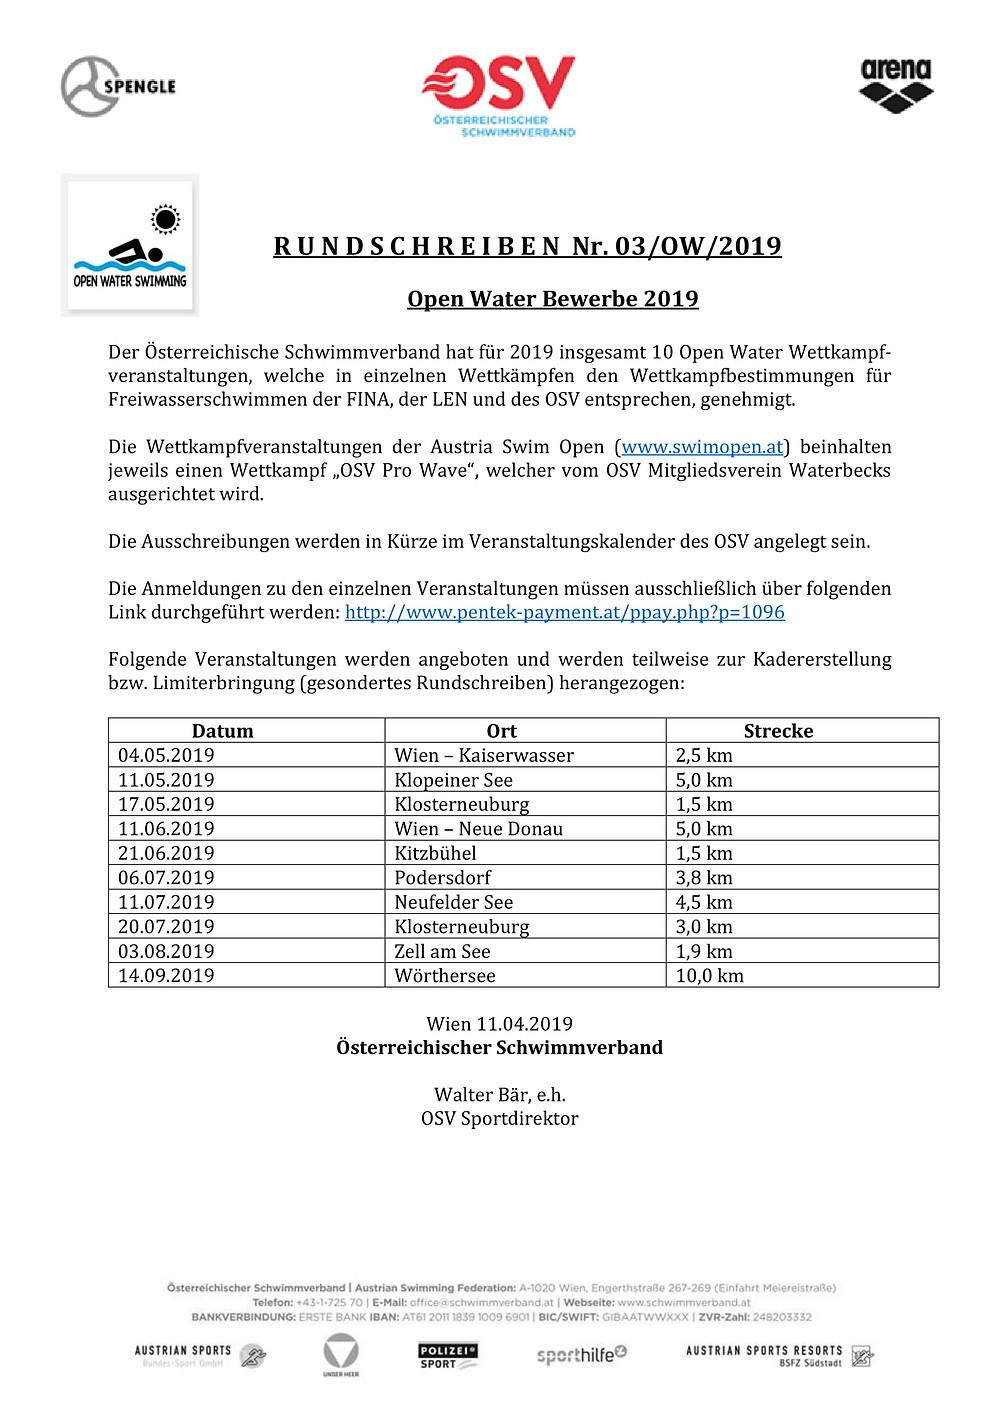 Österreichischer Schwimmverband Rundhscreiben Open Water Nummer 3